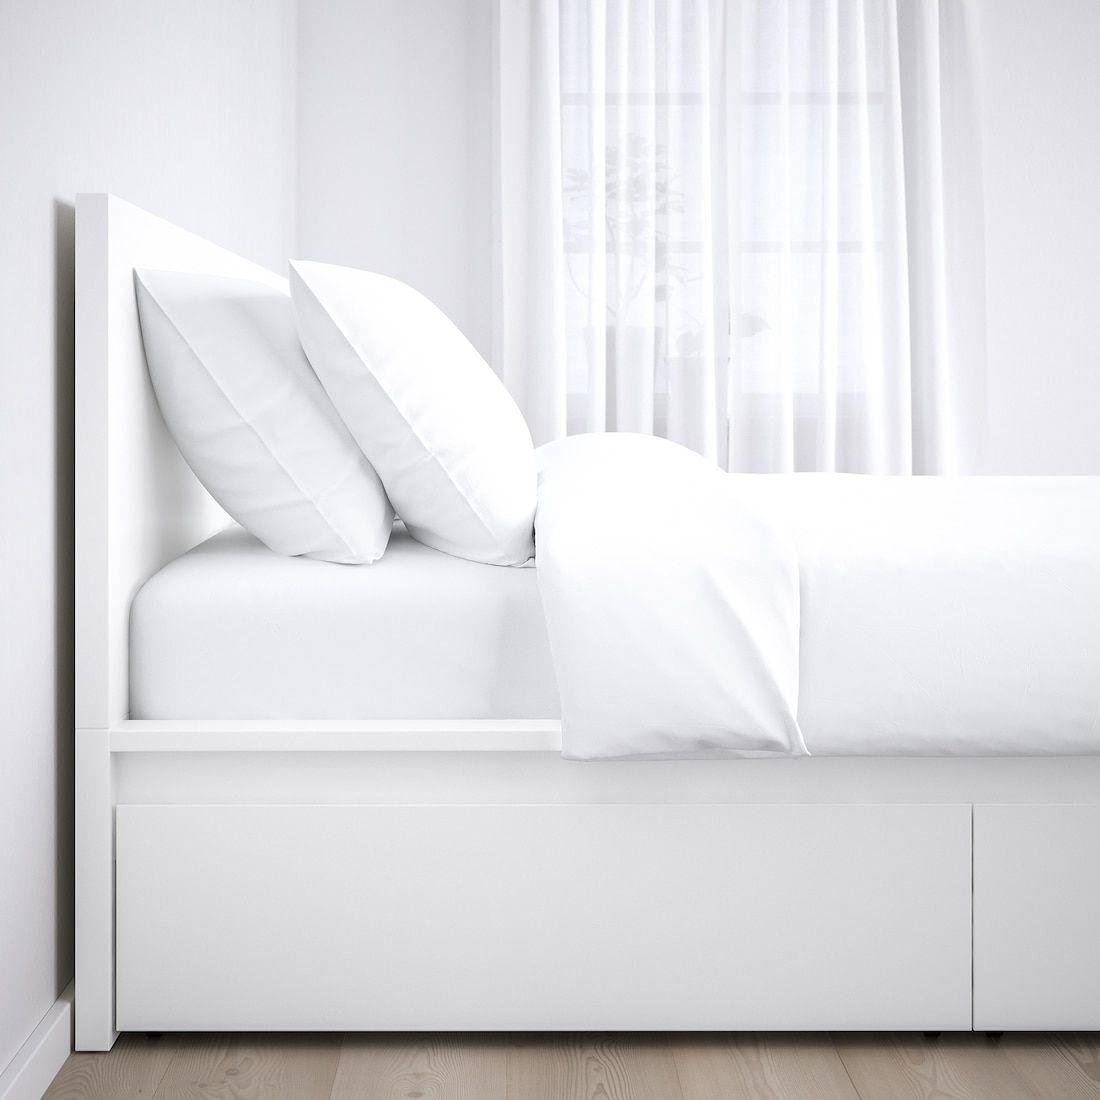 Malm Bettgestell Hoch Mit 2 Schubkasten Weiss Ikea Deutschland In 2020 High Bed Frame White Bed Frame Malm Bed Frame